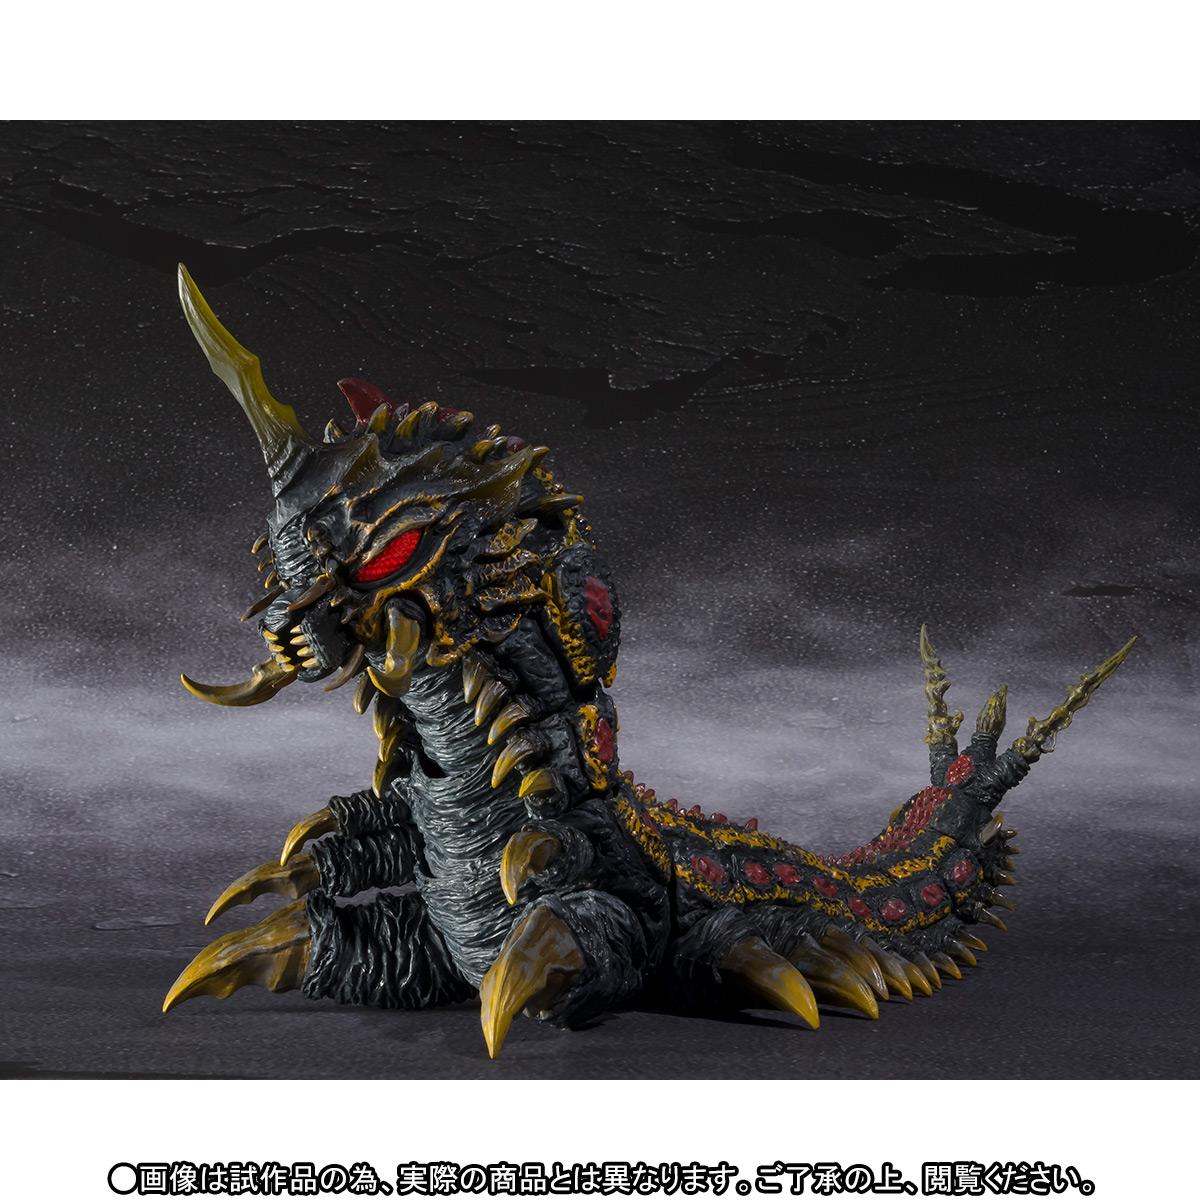 Link a Bandai Battrla Larvae Godzilla pre 06